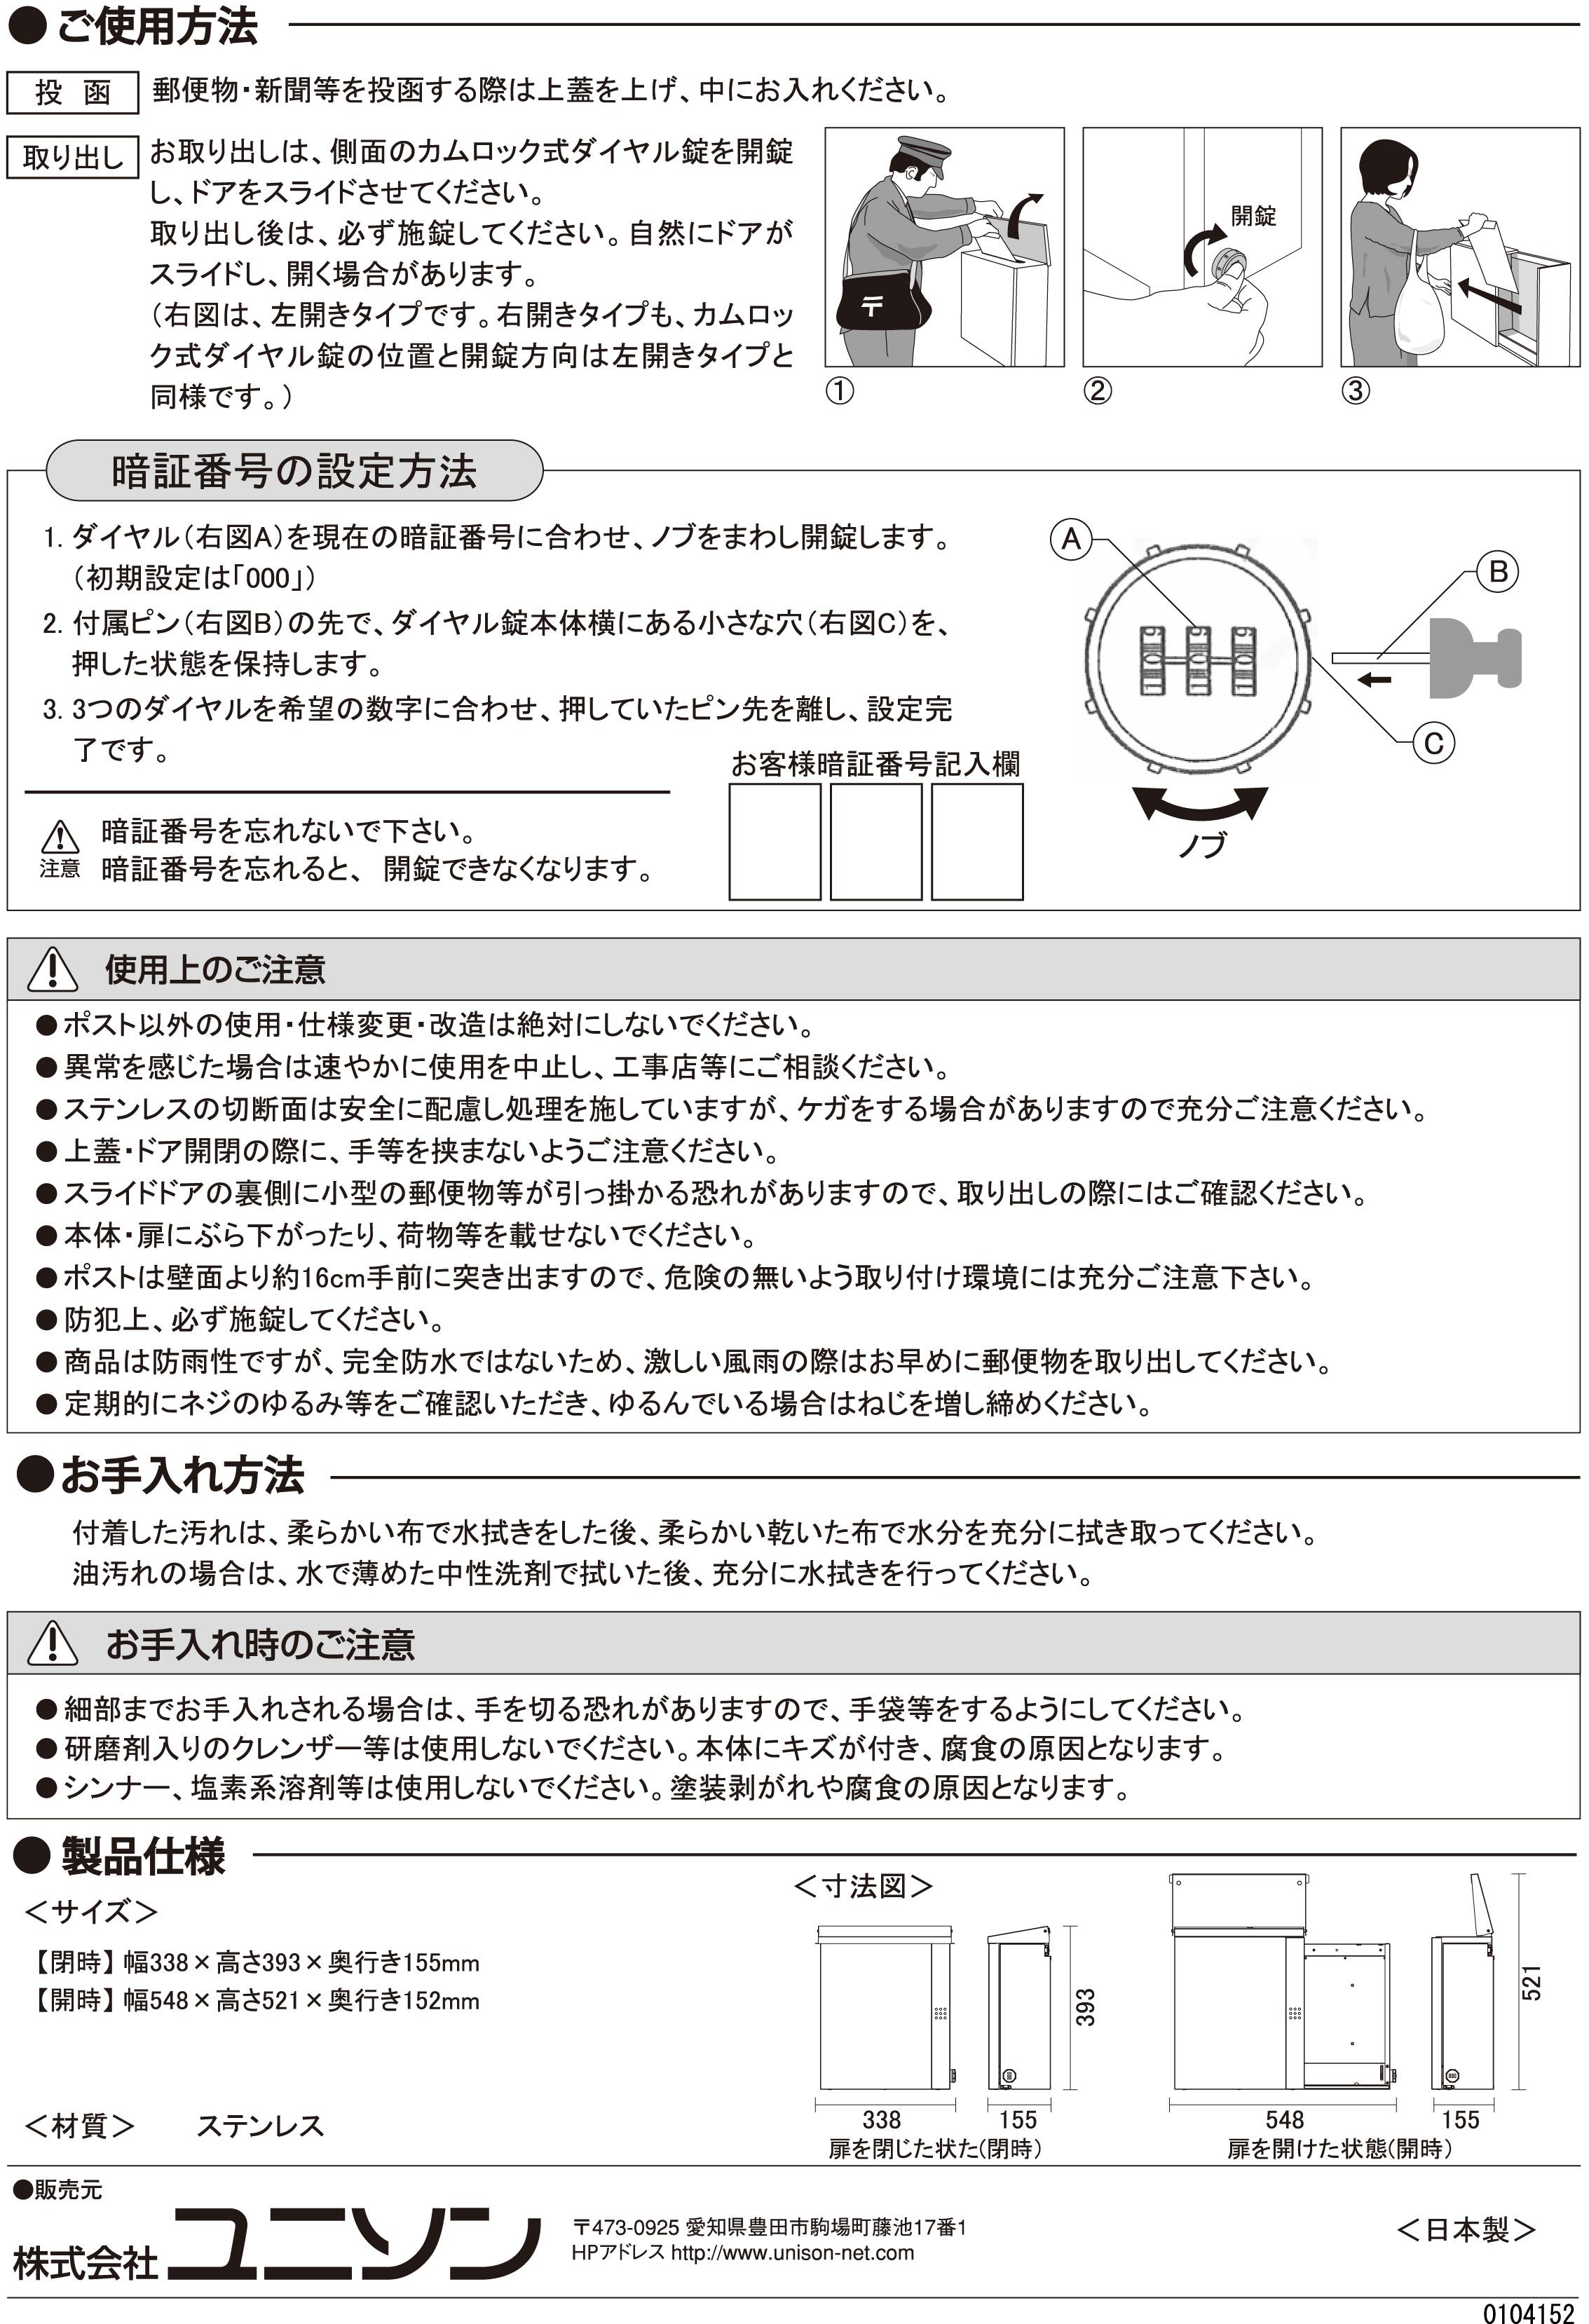 コジャクGE_取扱説明書-2